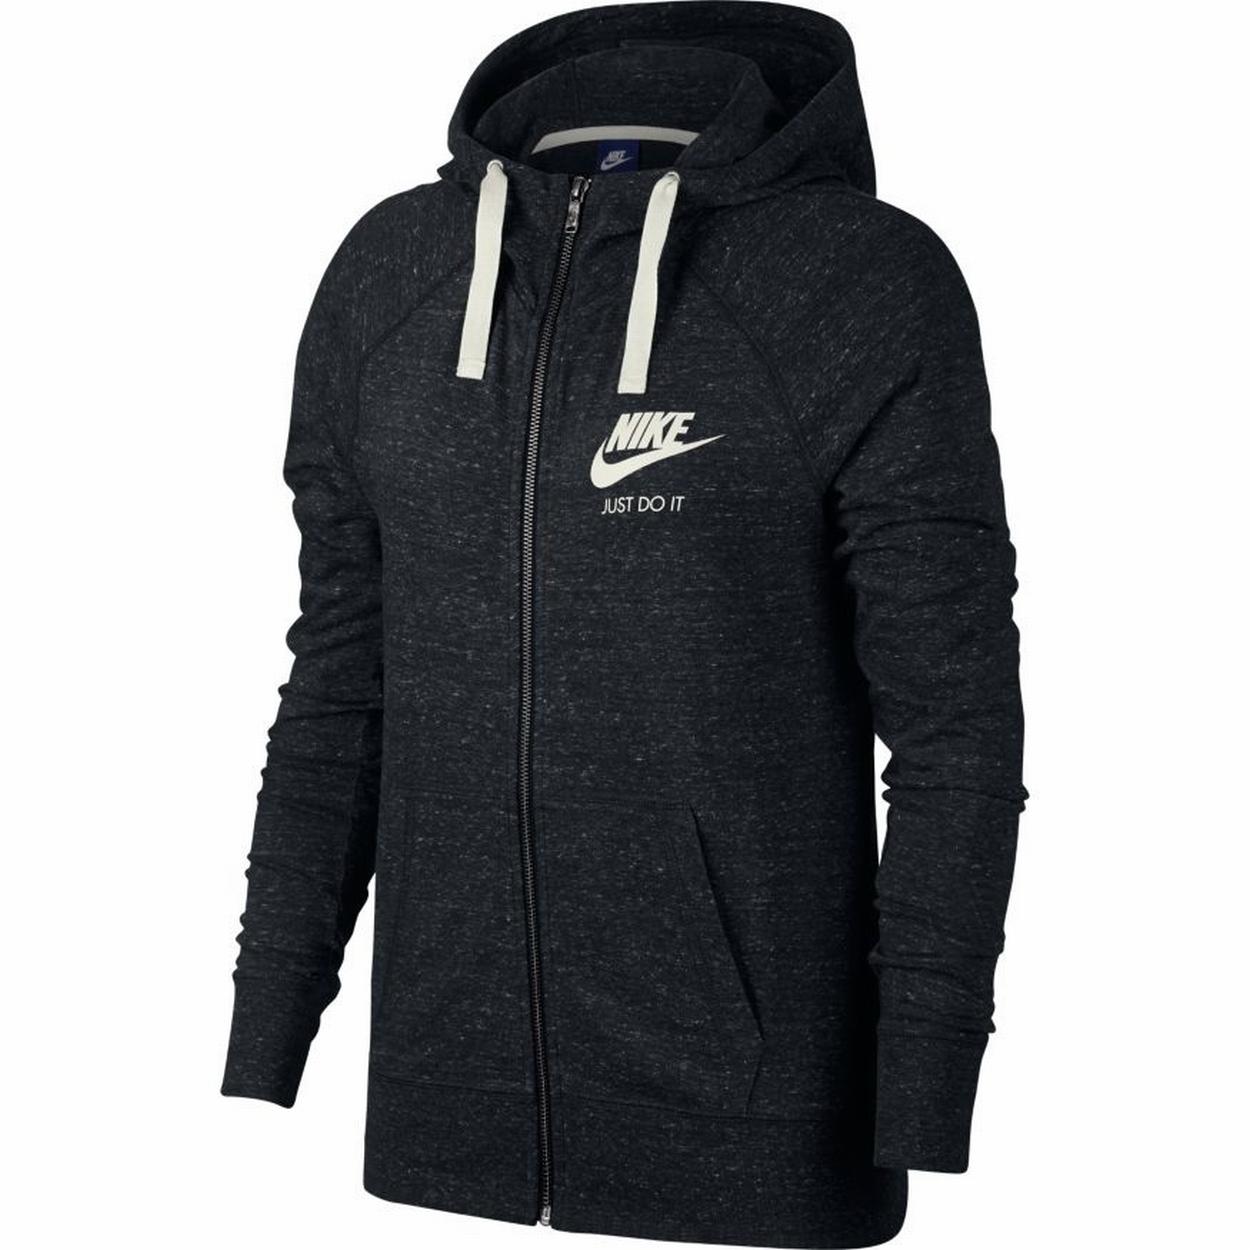 Nike sweatshirt jacke damen schwarz